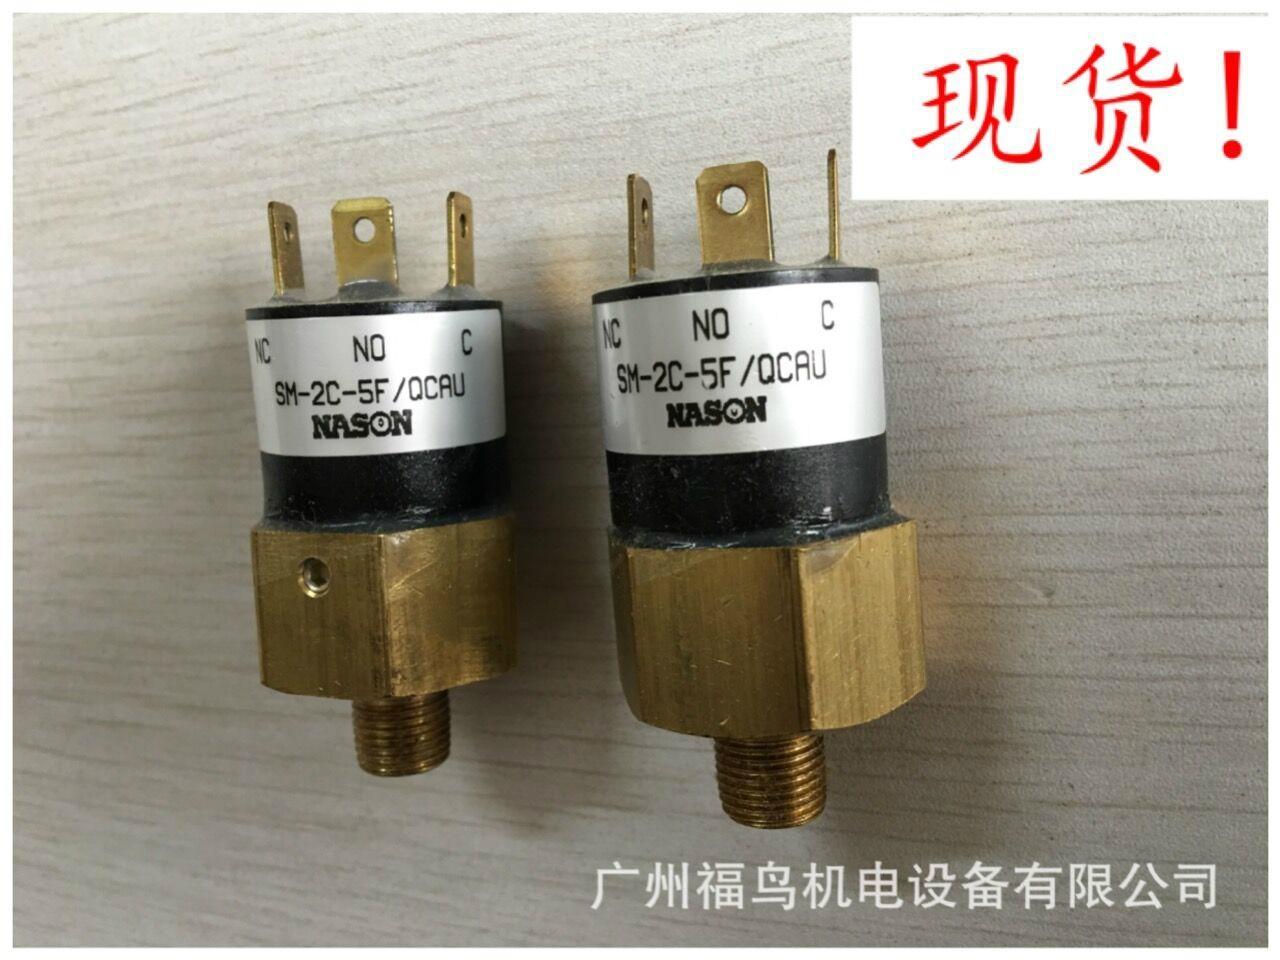 NASON壓力開關, 現貨型號: SM-2C-5F/QCAU